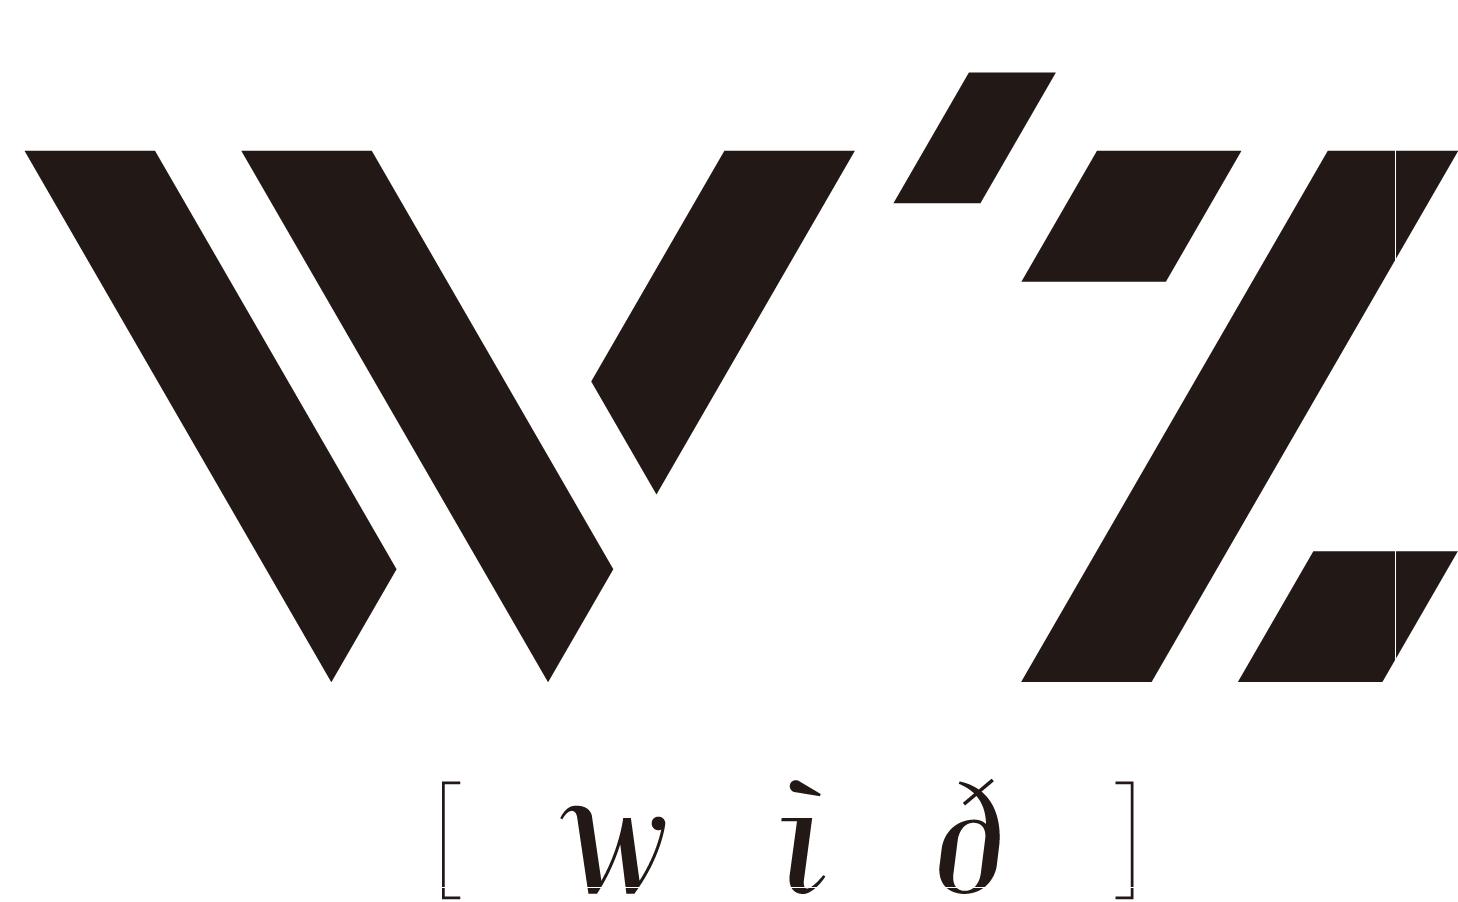 アニメスタジオ「GoHands」の女性向け新規アニメーション『W'z《ウィズ》』が2019年放送決定! 主人公・ユキヤ役を福原かつみさんが担当!の画像-5